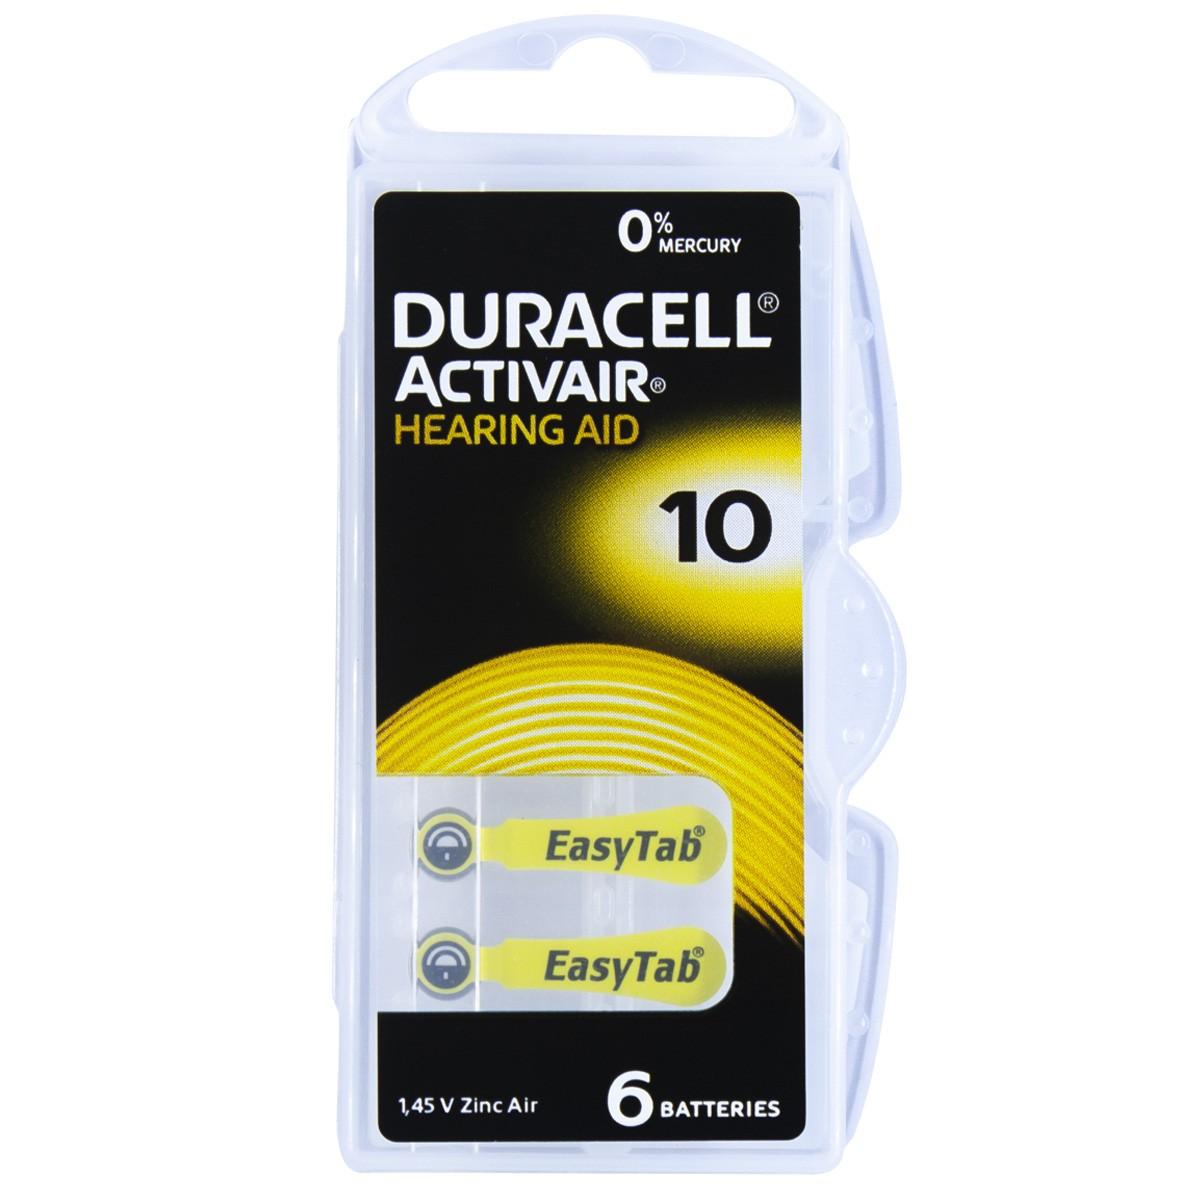 72 Pilhas DA10 DURACELL baterias PR70 Aparelho auditivo